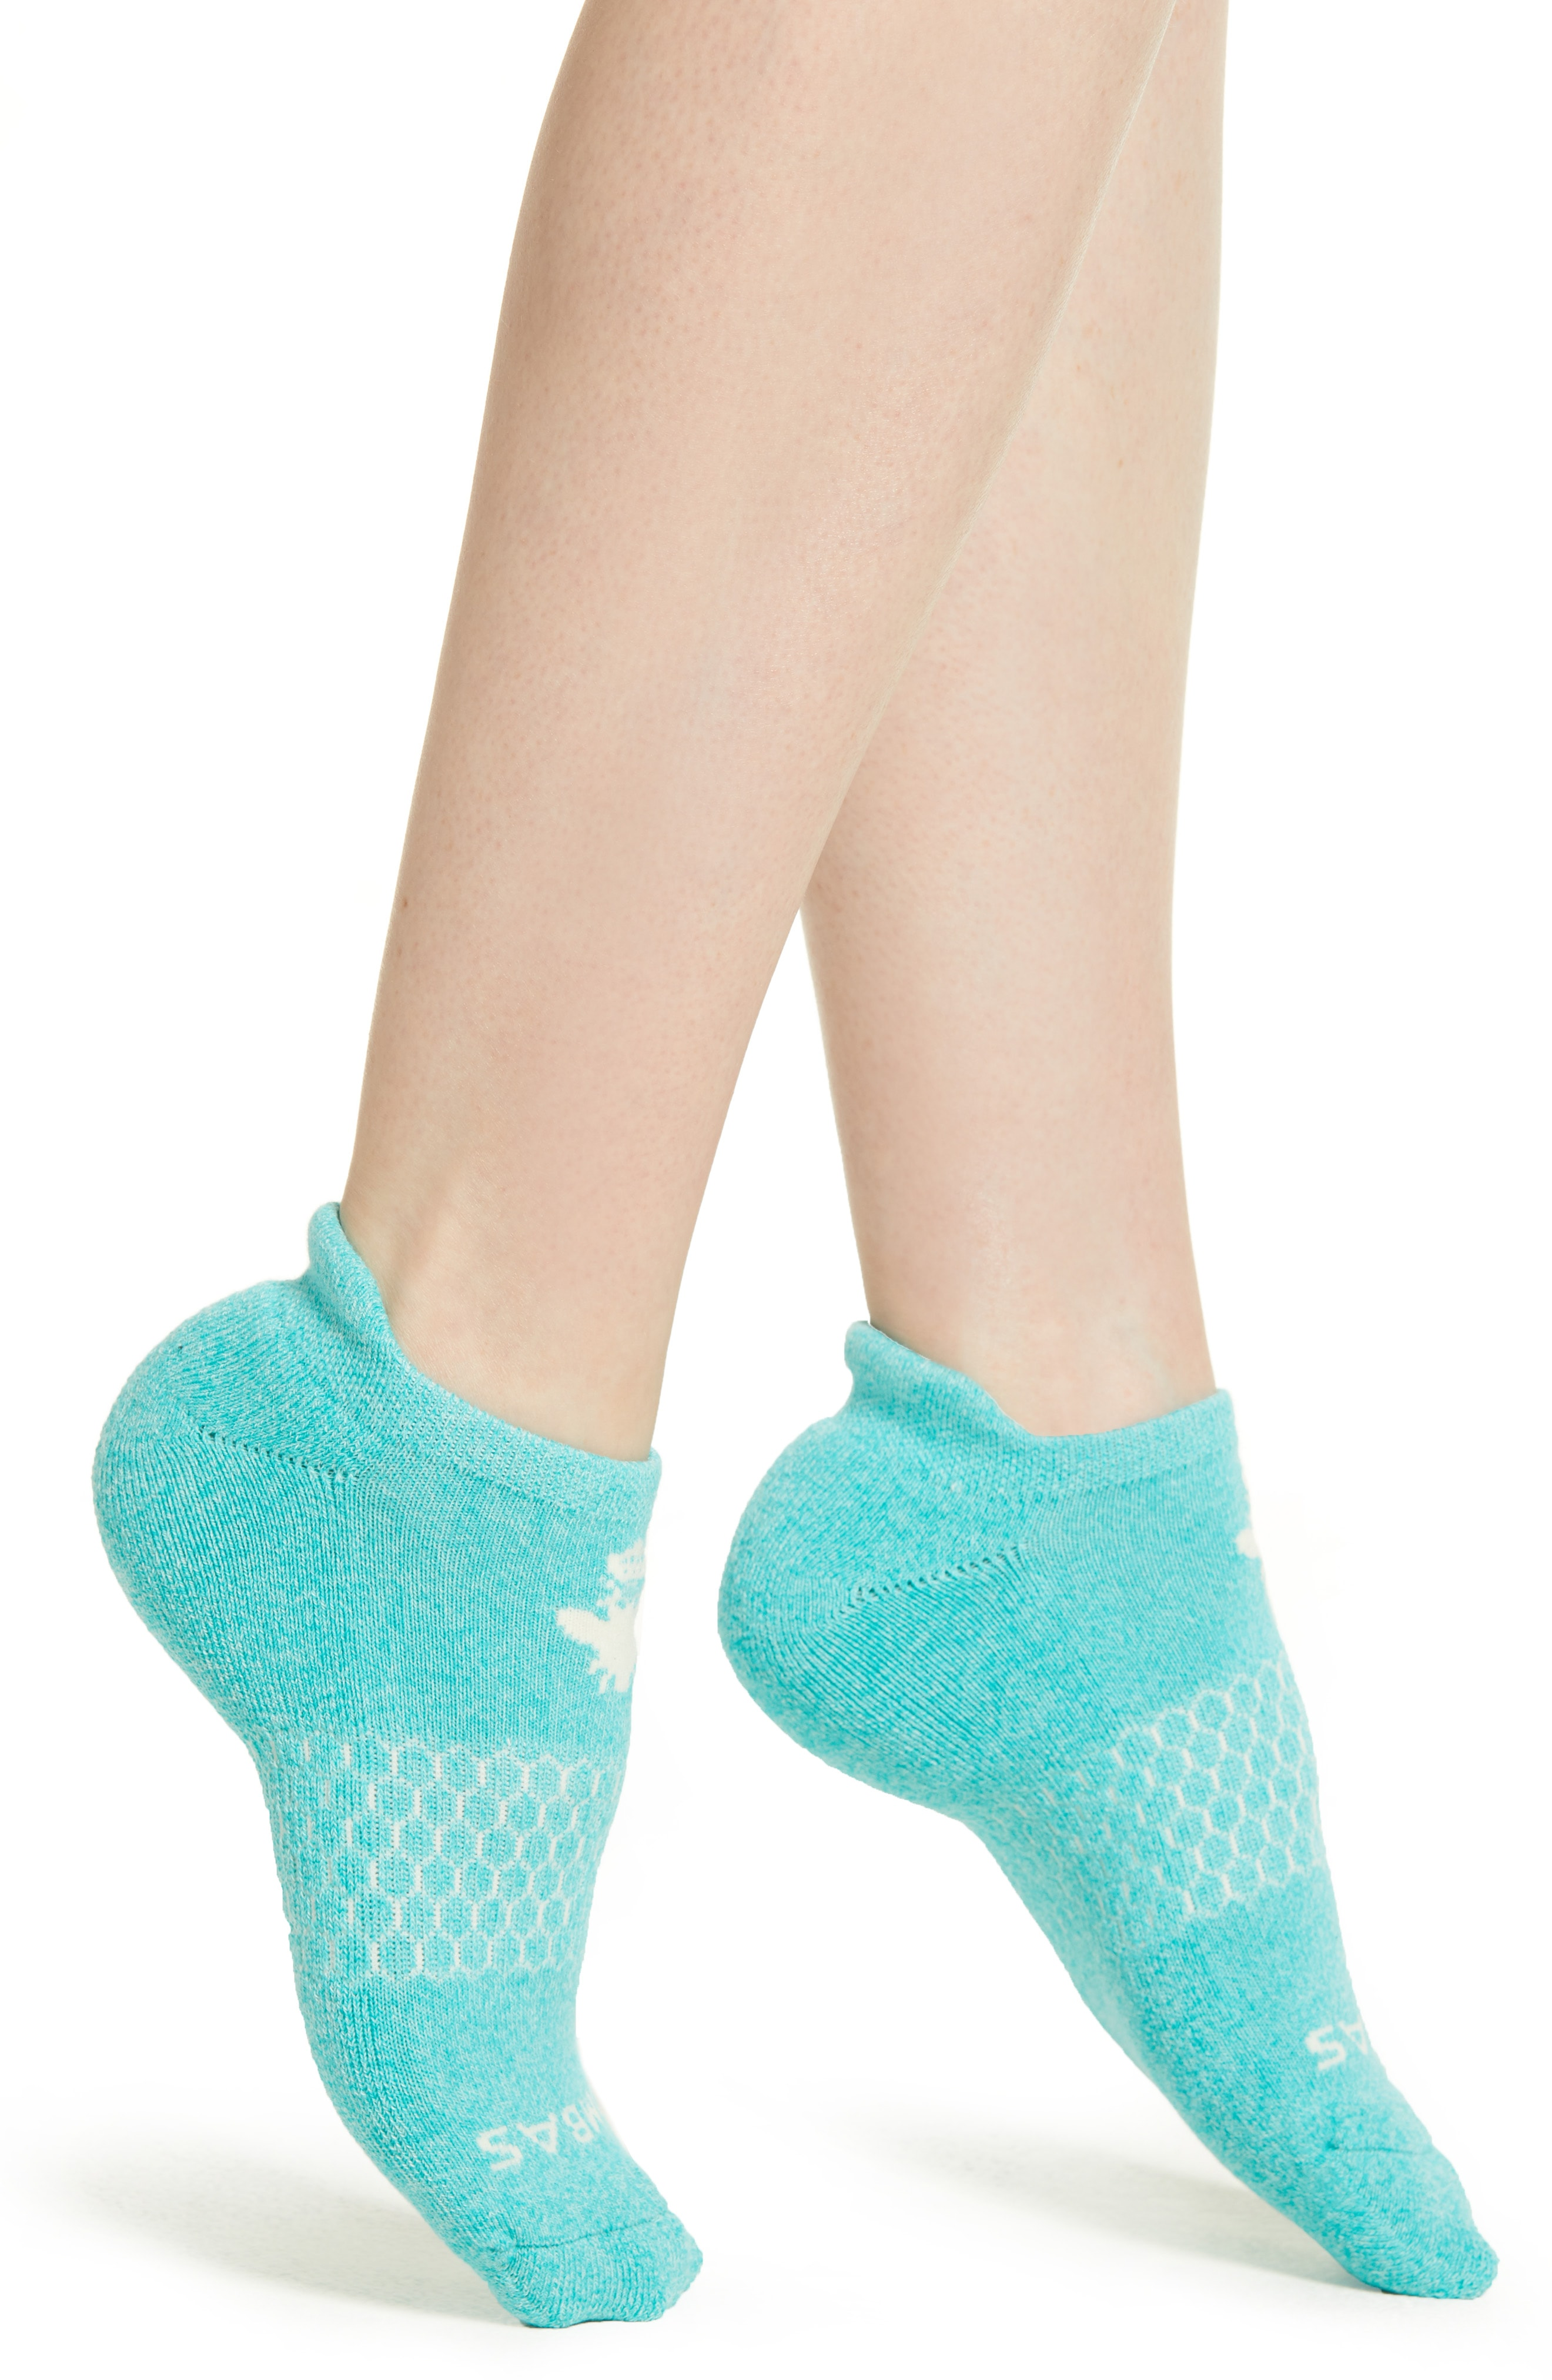 Bombas Bright Marls Tab Ankle Socks